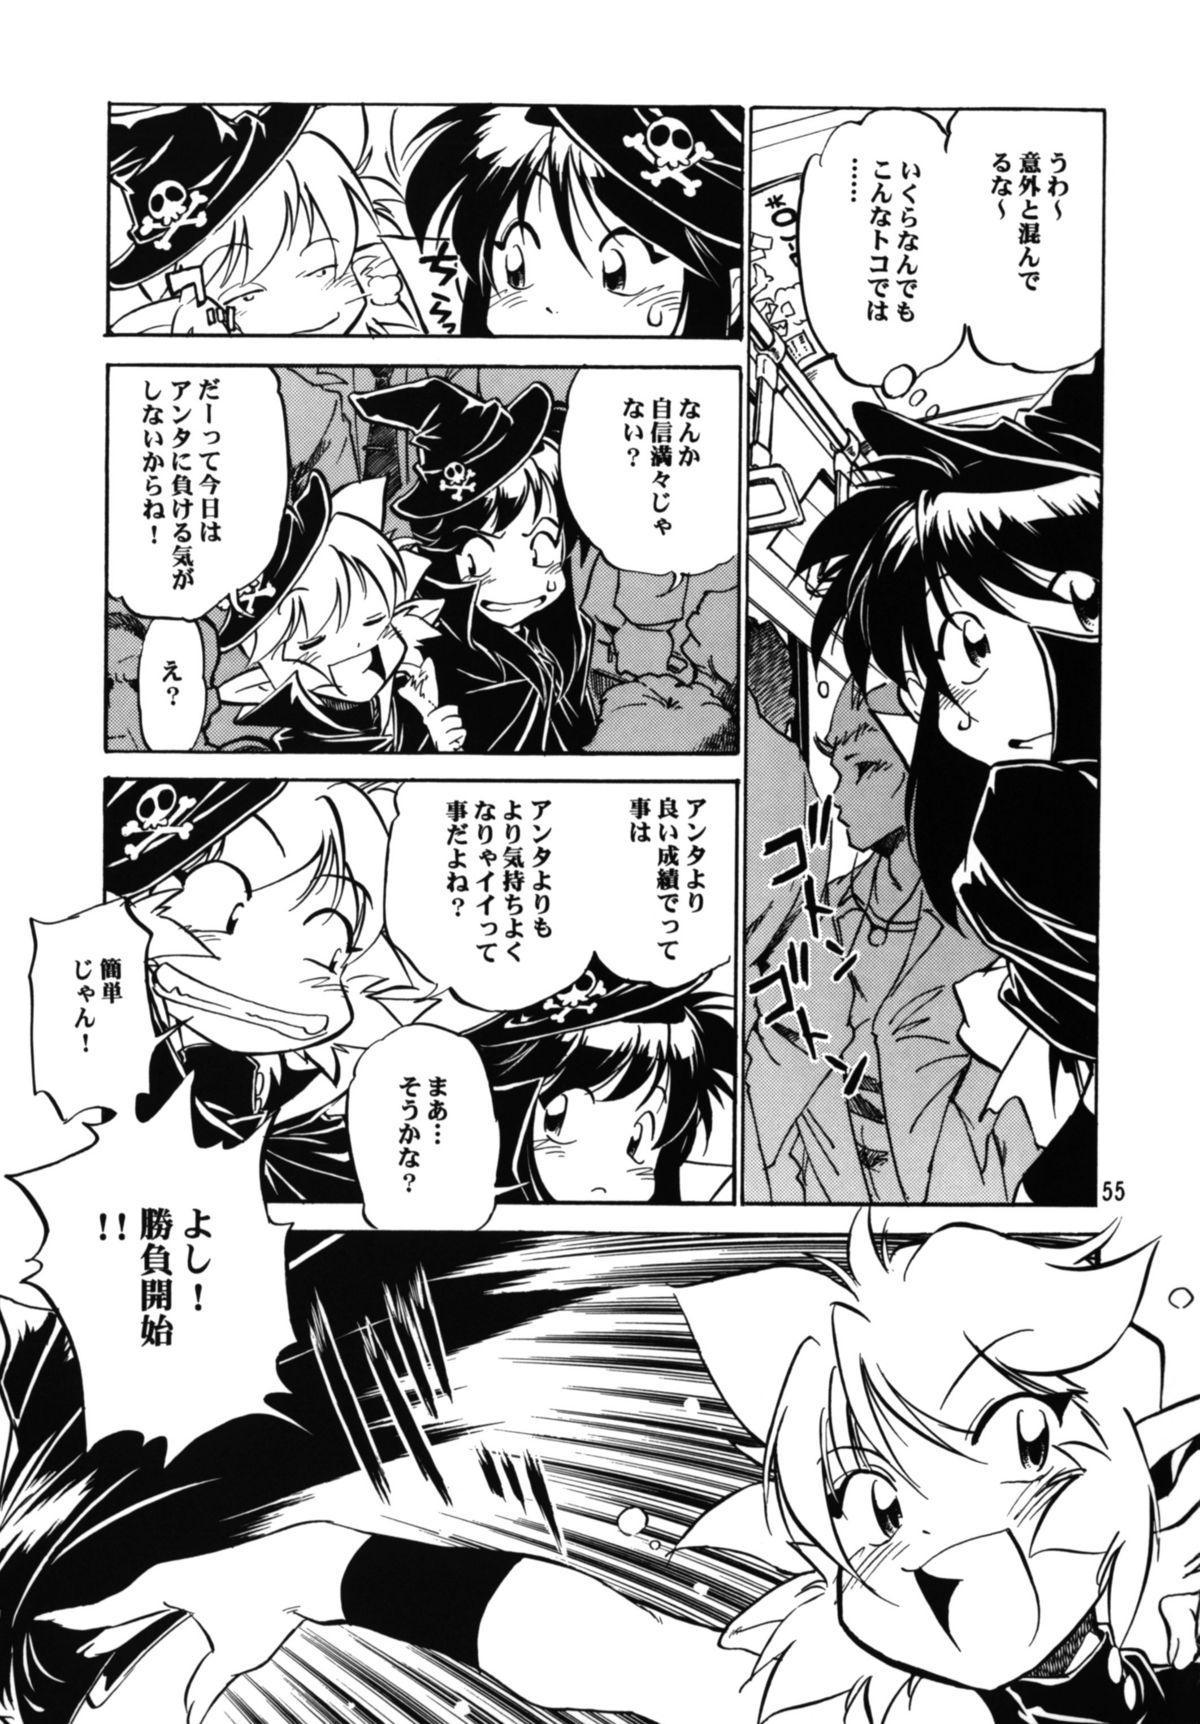 Majokko Anthology Kyouetsu Shigoku 53